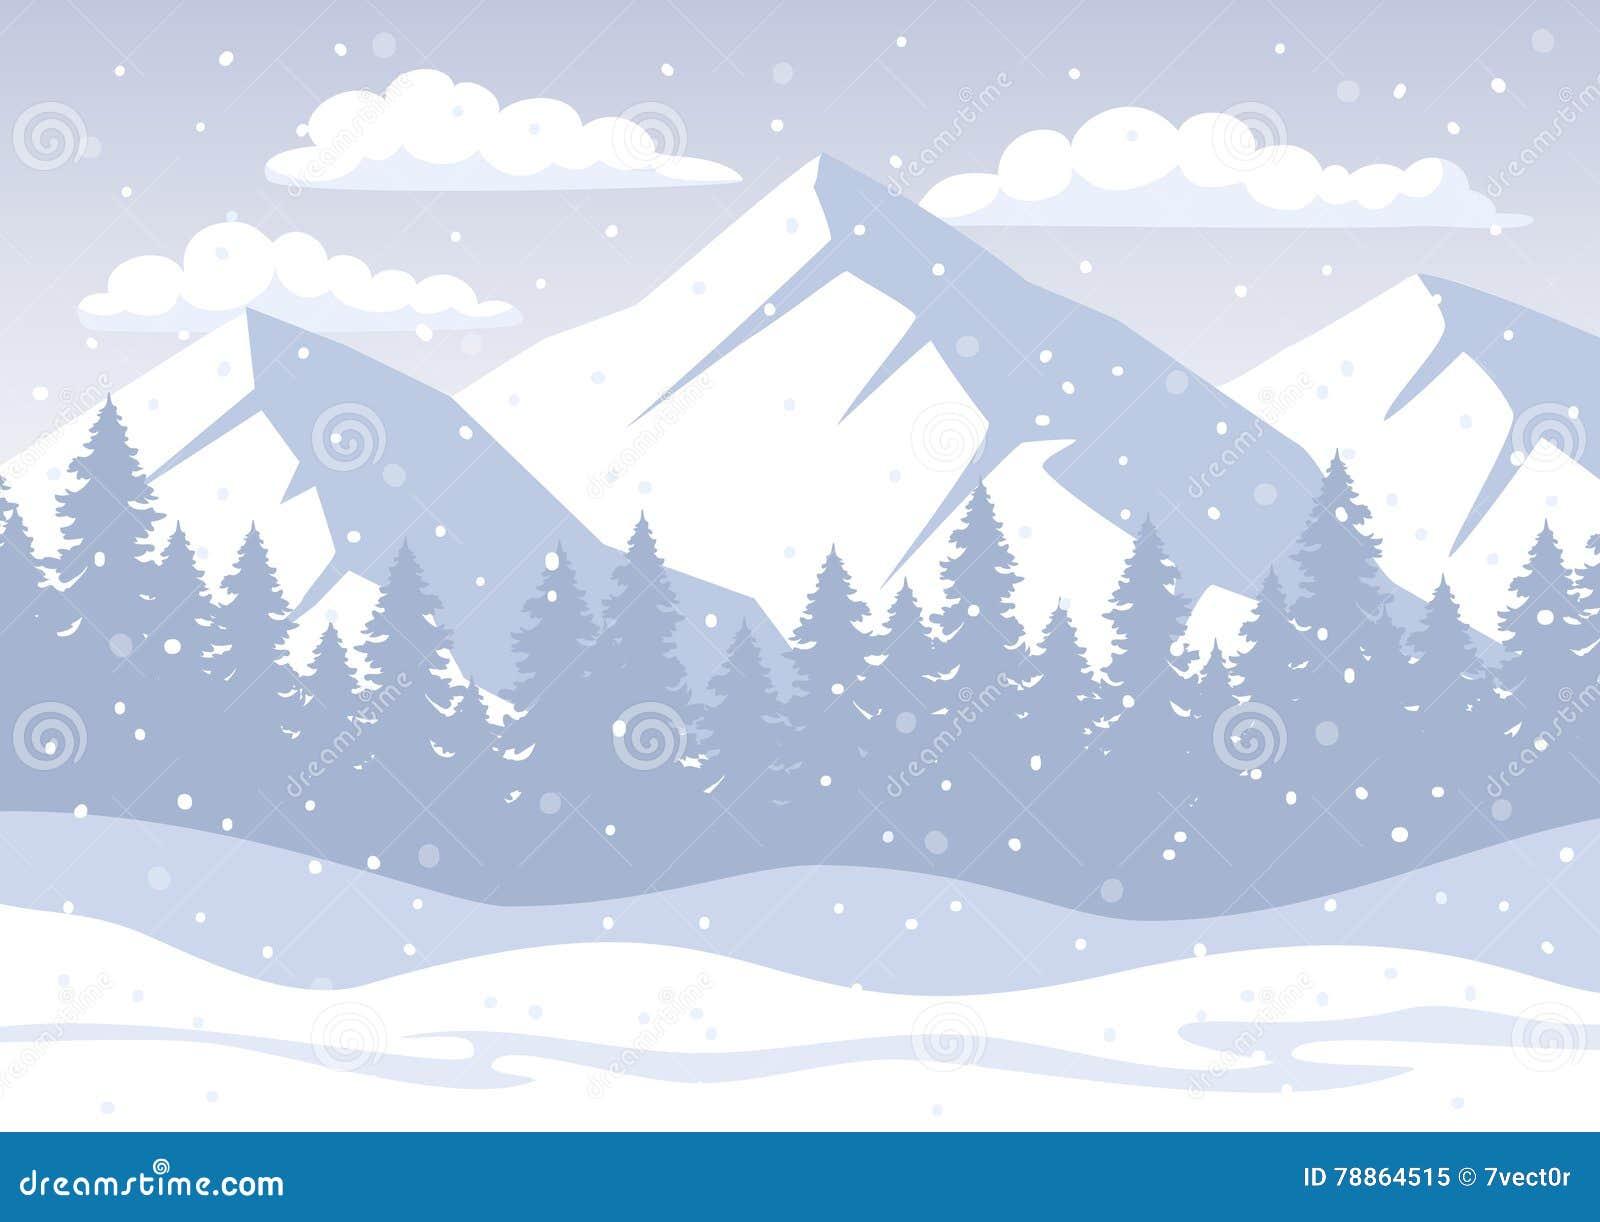 白色圣诞节与落矶山脉的冬天背景,杉木森林,雪小山,雪花